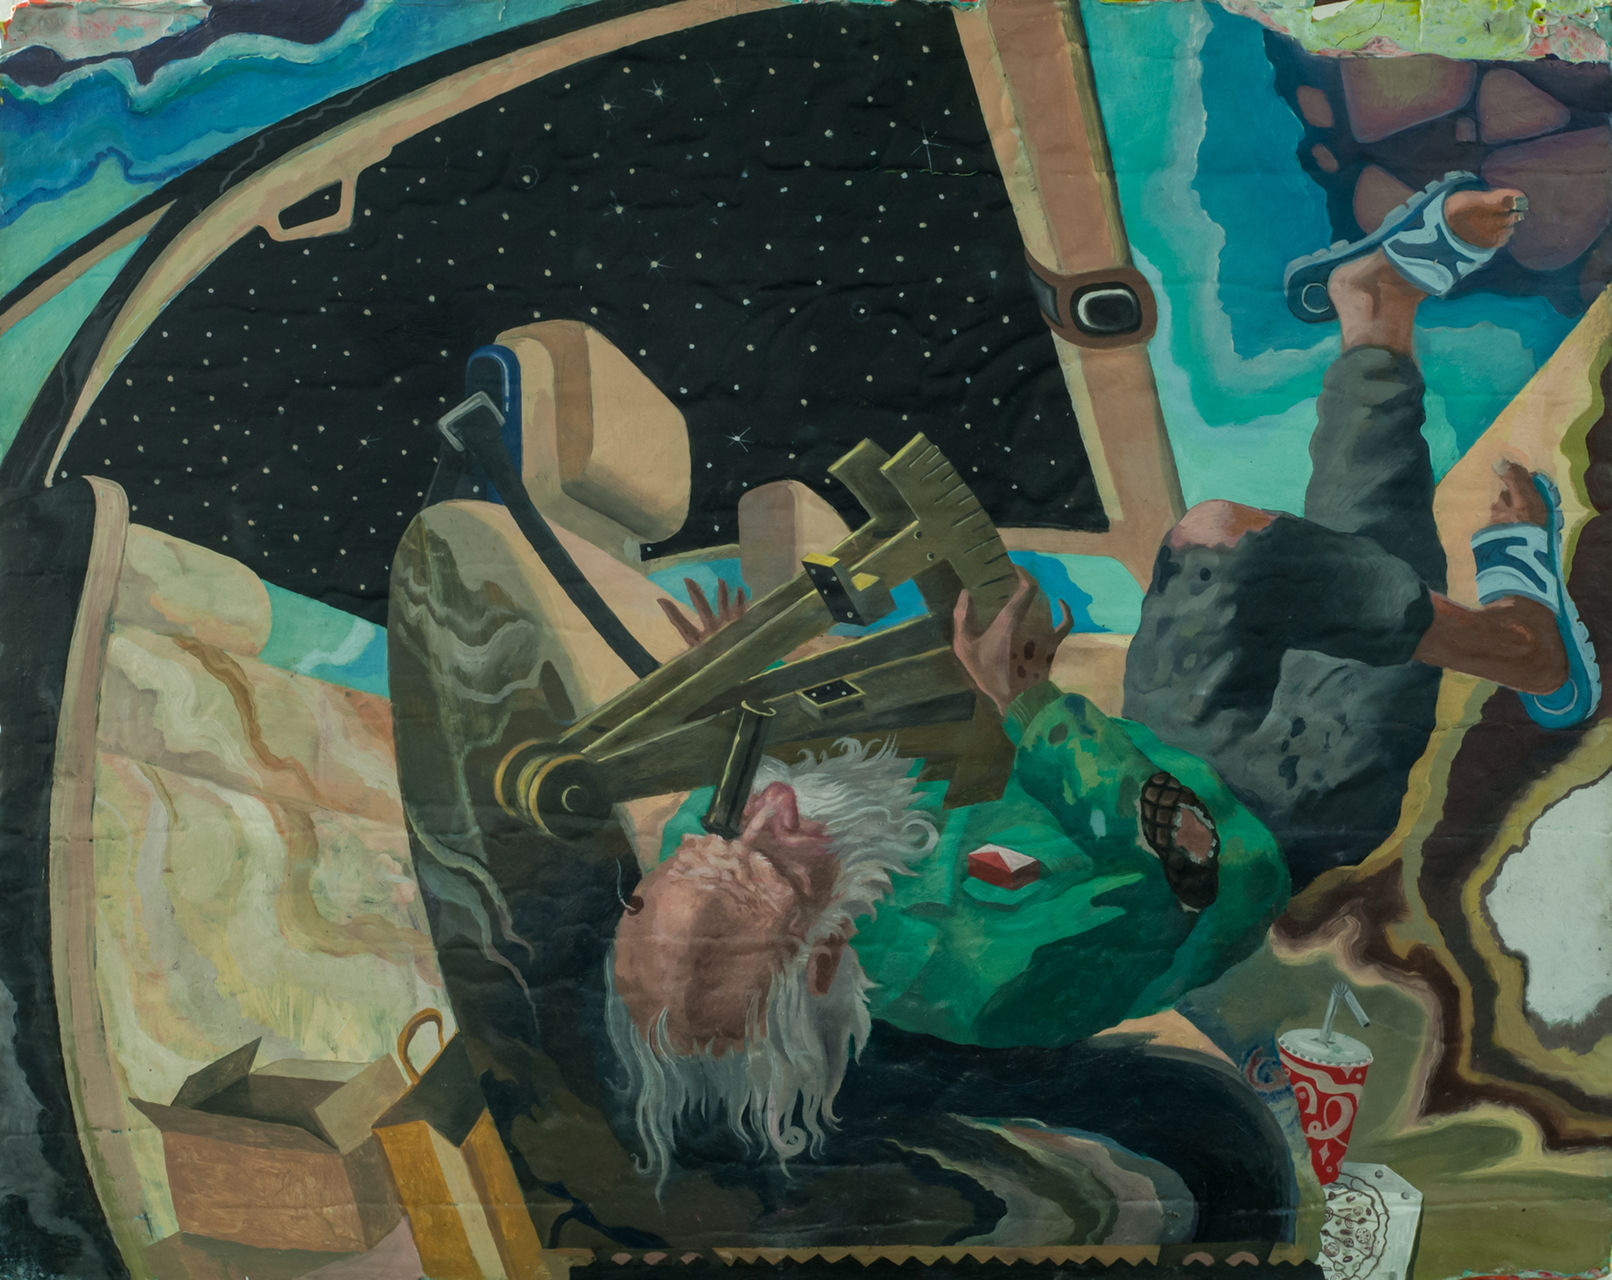 Mihut Boscu Kafchin, Diogenes reading the stars, 2015, oil on wood, 50,5 x 62,5 cm